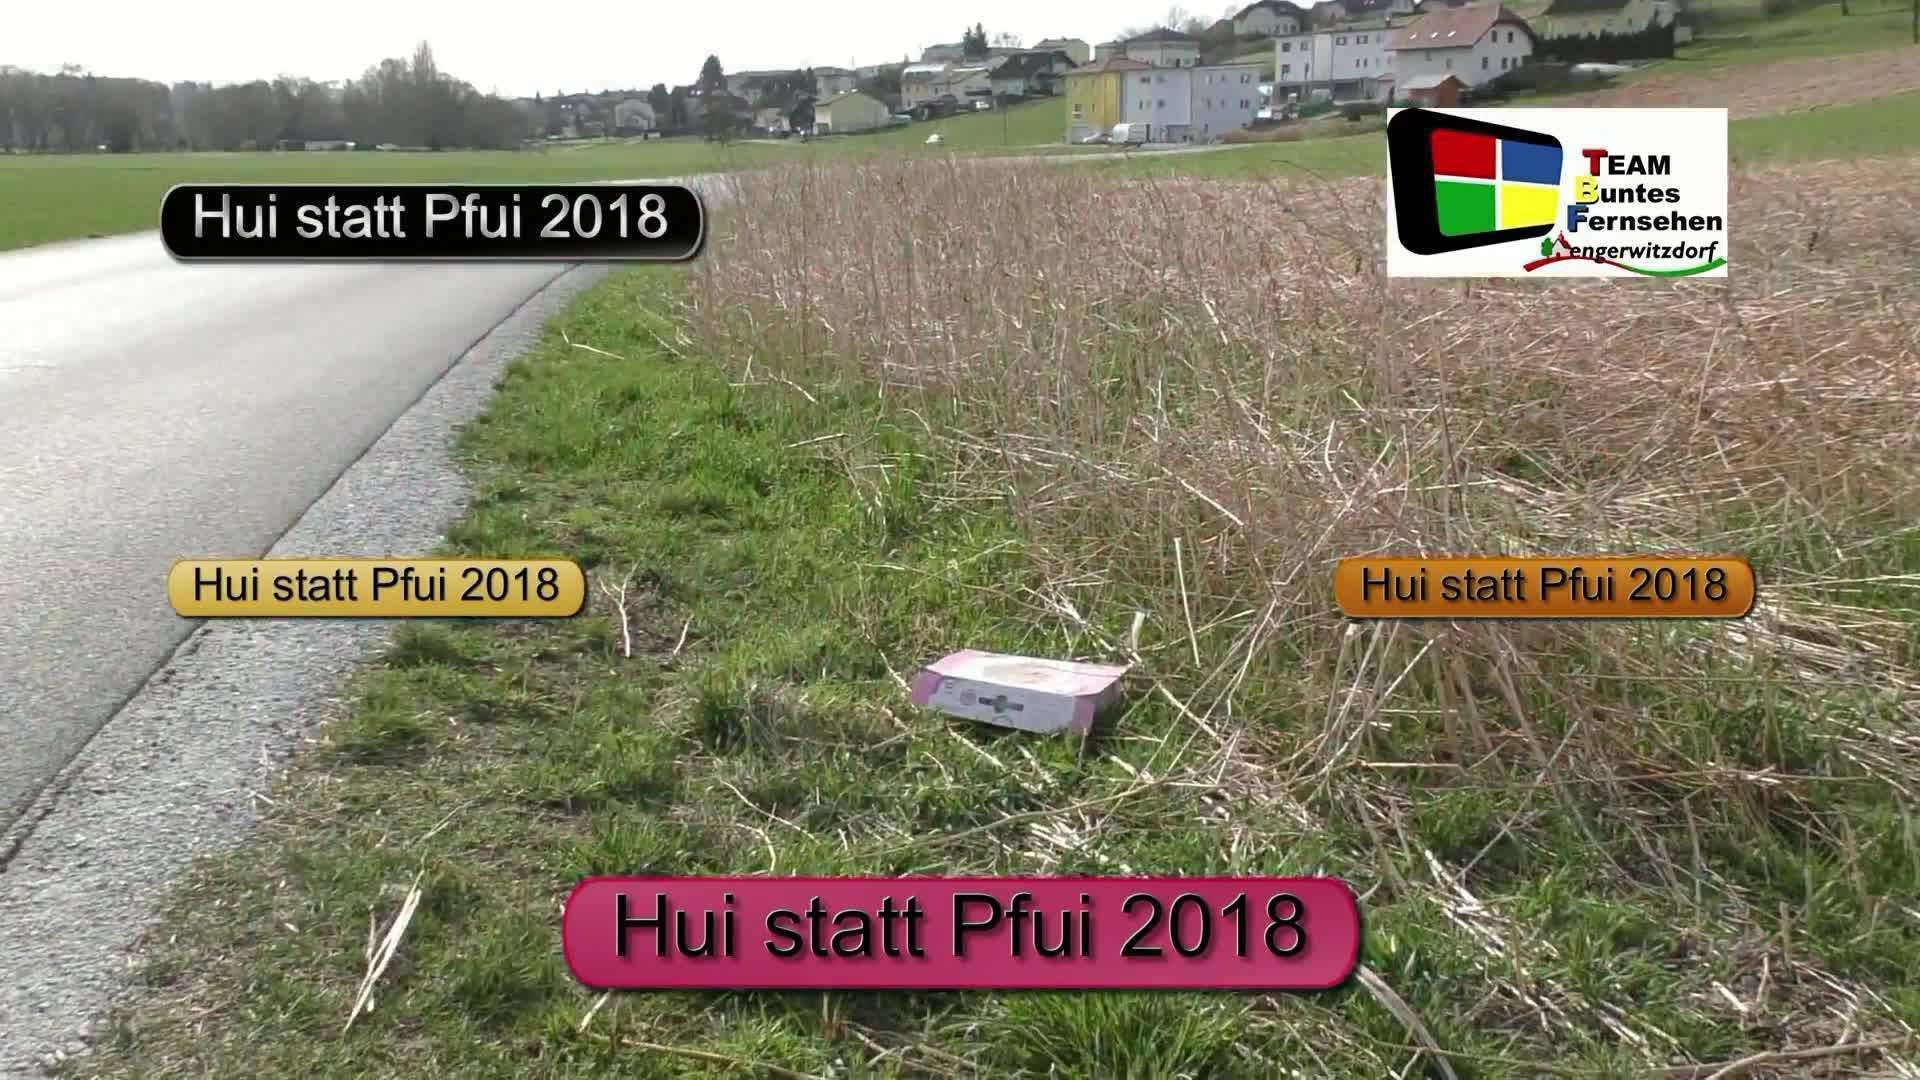 Hui statt Pfui 2018 eine Flurreinigungsaktion der Gemeinden